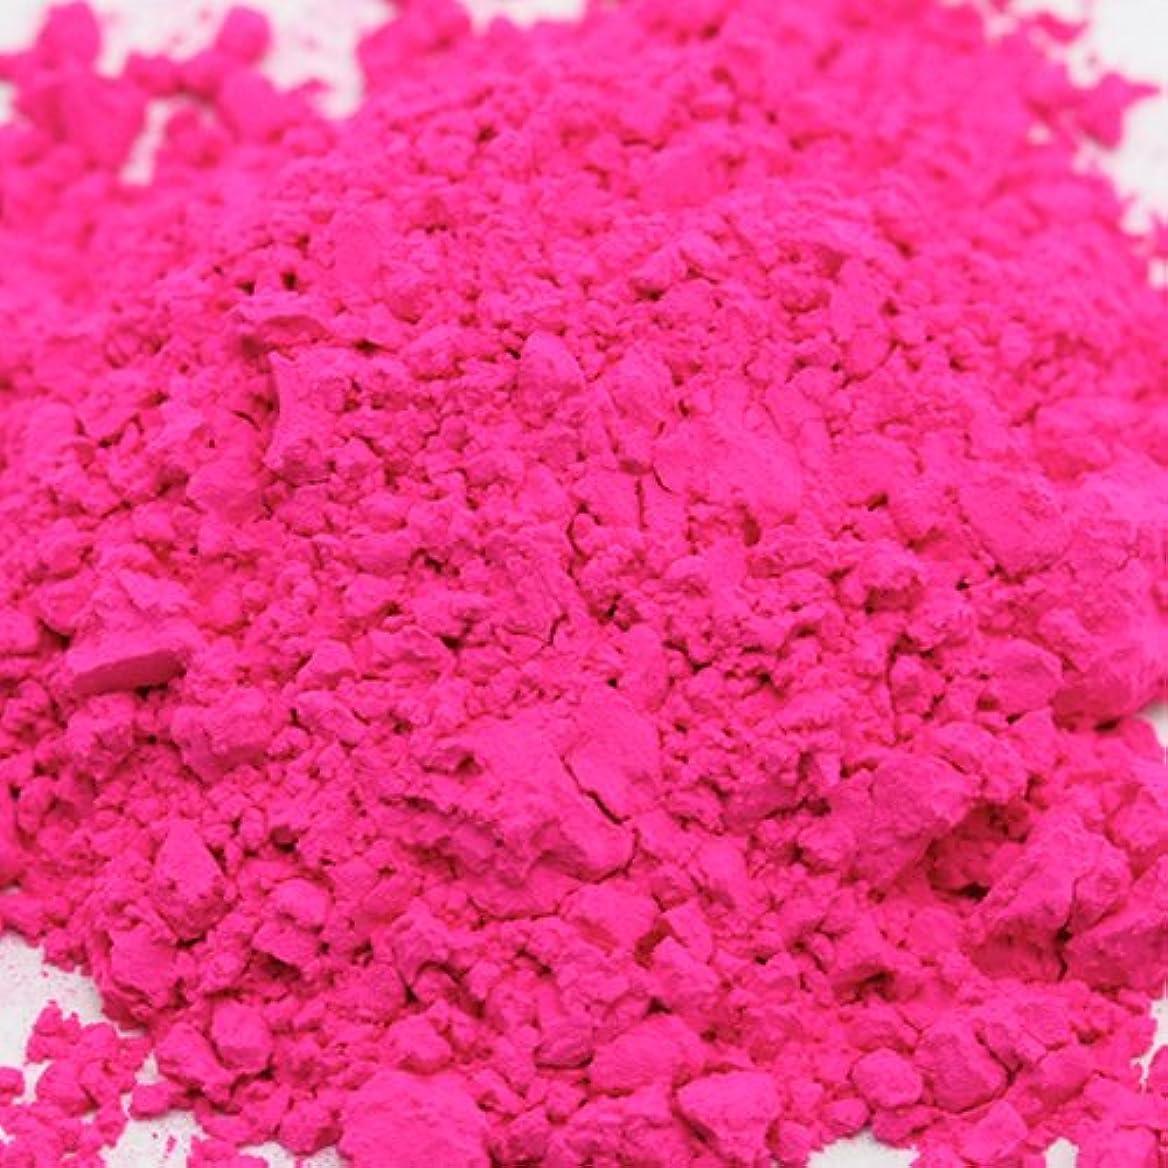 四回発信排除キャンディカラー ピンク 20g 【手作り石鹸/手作りコスメ/色付け/カラーラント】